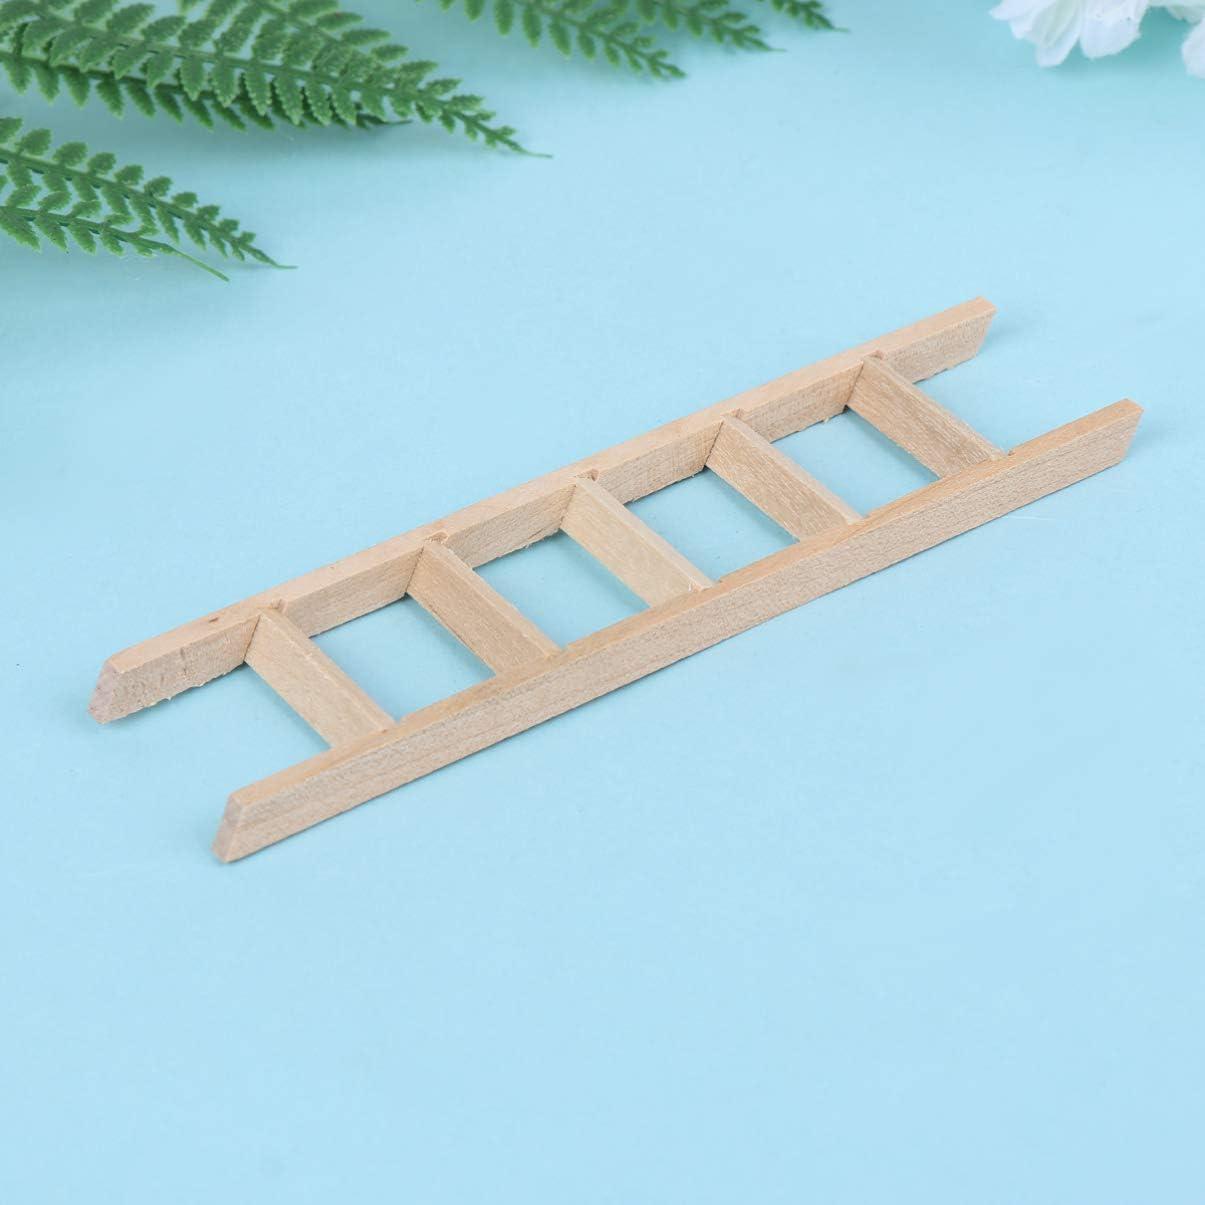 EXCEART Casa de Muñecas Escalera de Madera Mini Escalera 1:12 Escalera Miniatura Juguete DIY Jardín de Hadas Escalera Recta Accesorio para Niños (como Se Muestra): Amazon.es: Juguetes y juegos